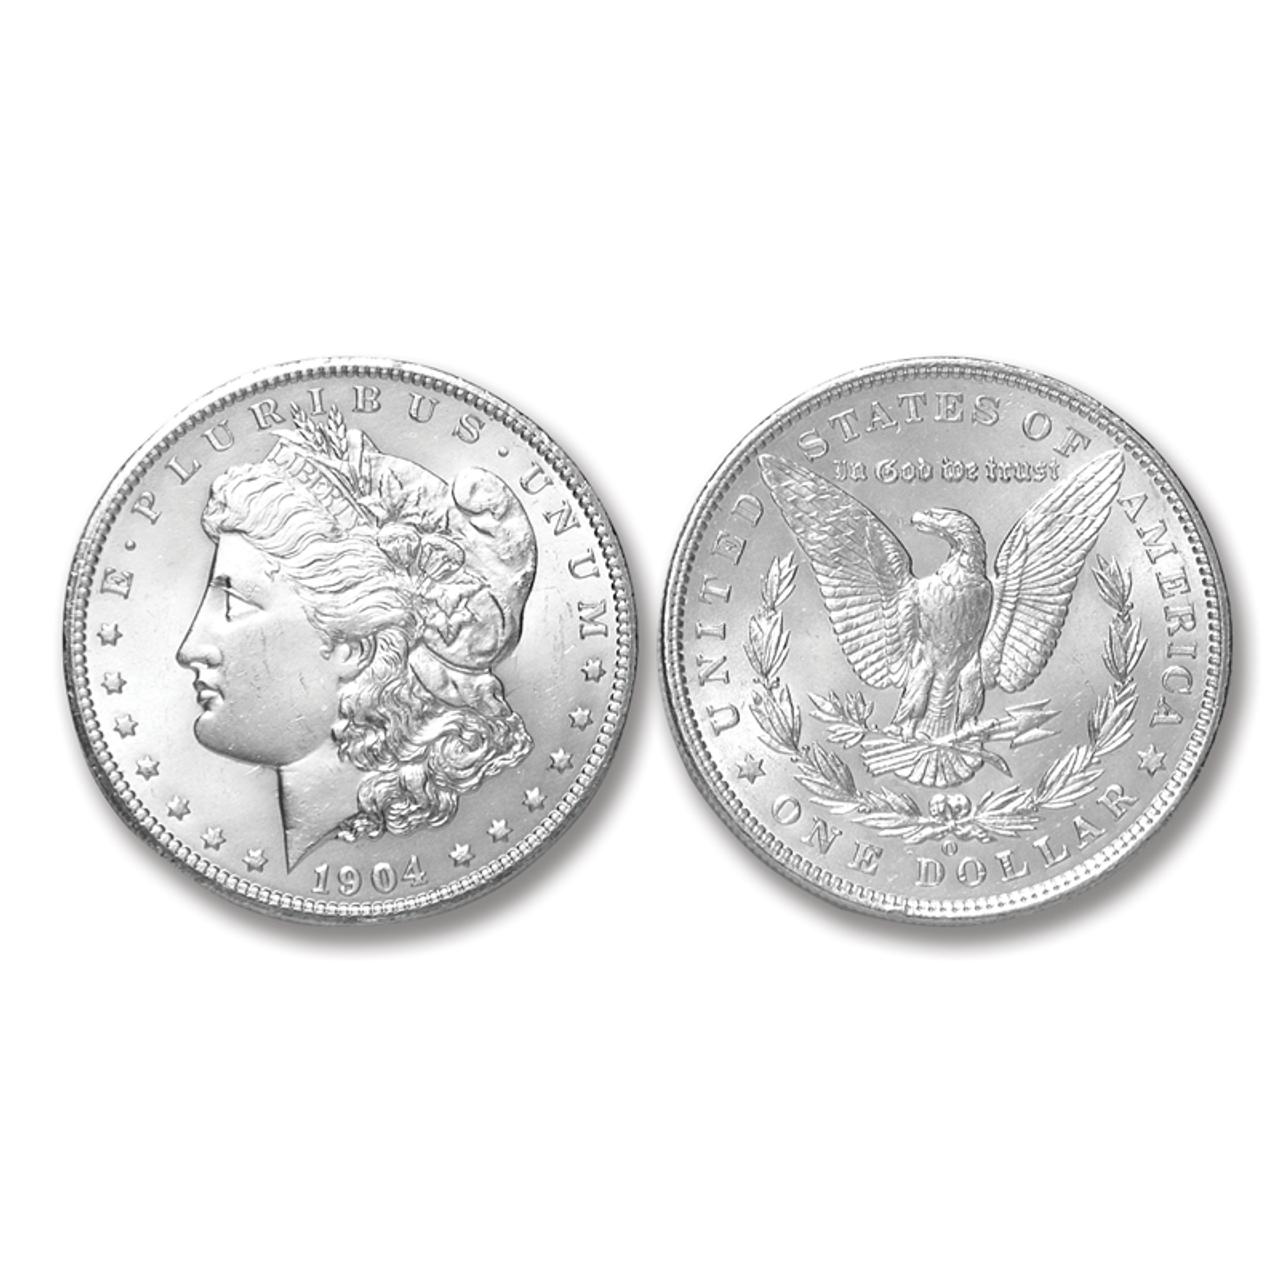 1904-O Morgan Silver Dollar - Brilliant Uncirculated Condition